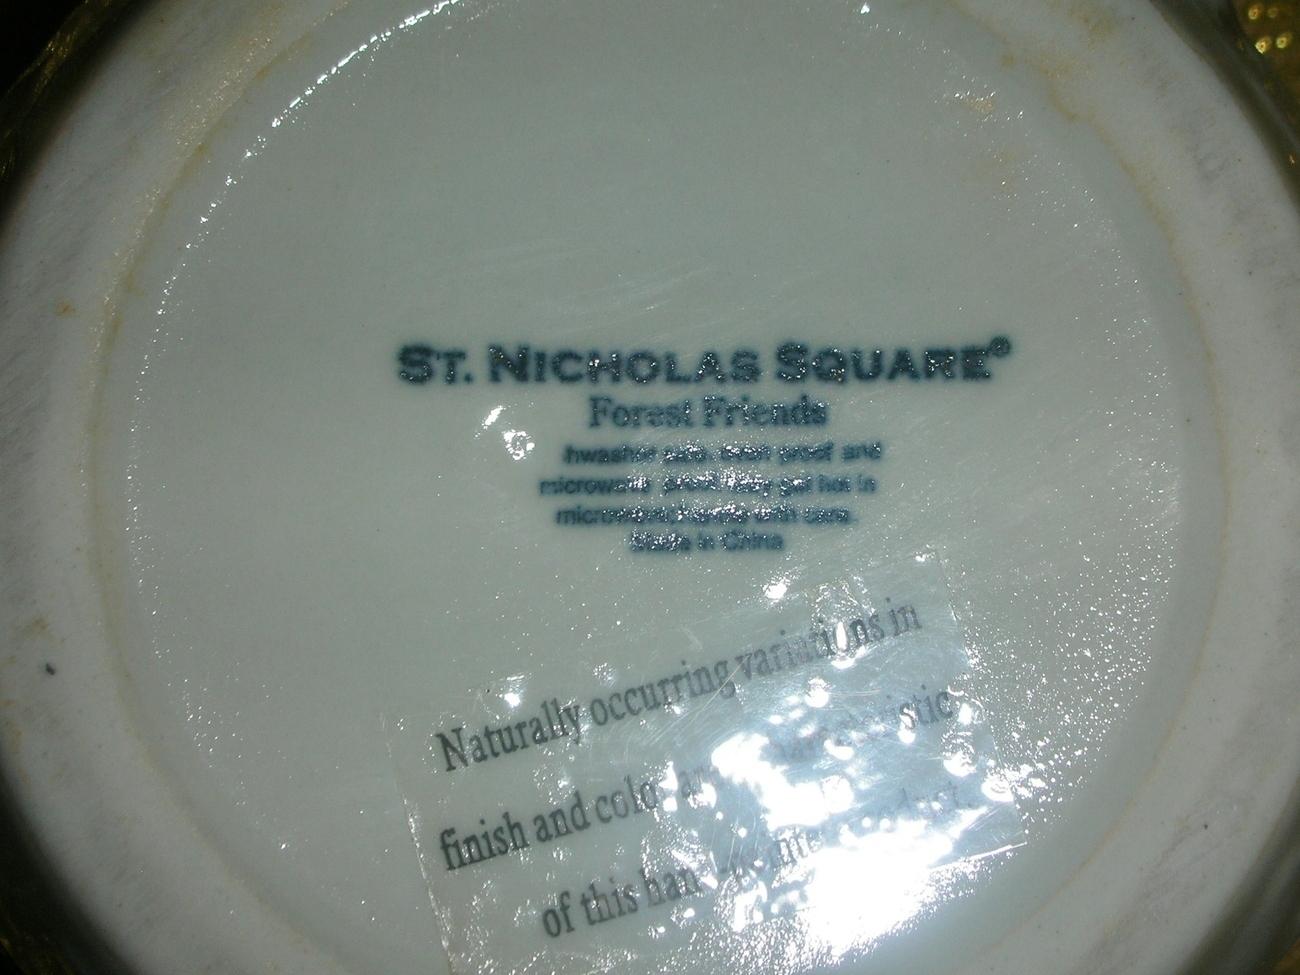 St. Nicholaus Square Forest Friends Serving  Bowl